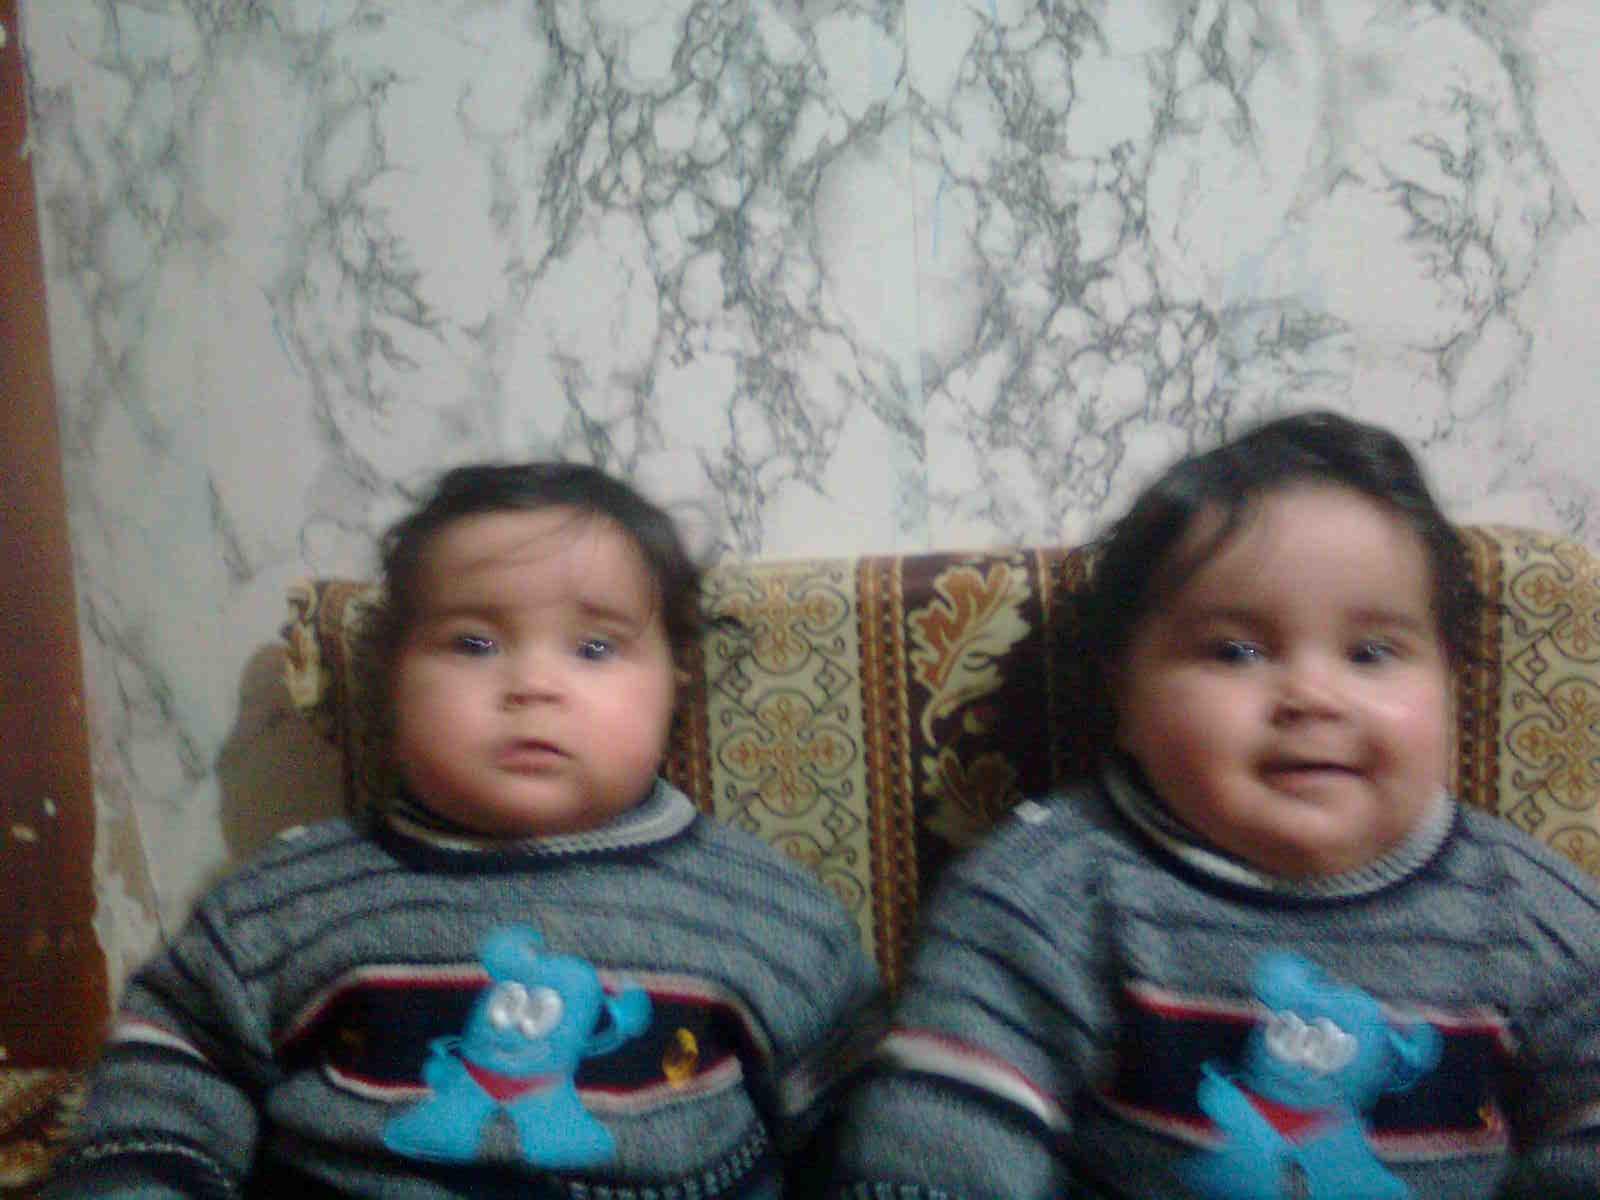 محمد &ومحمود طلعت حرب عبد الحميد الفرا